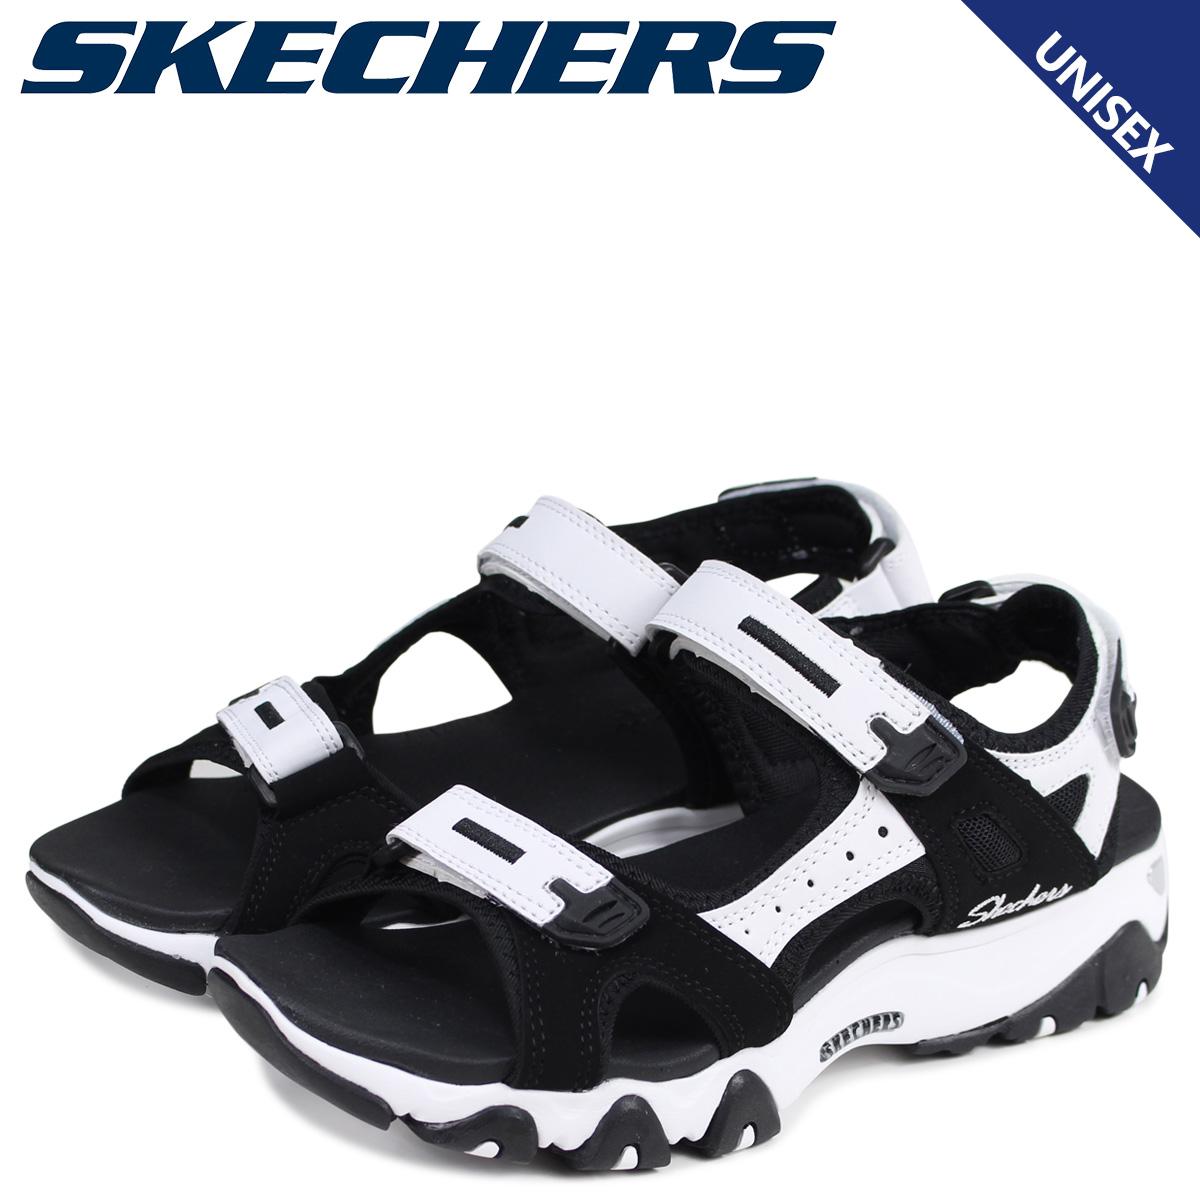 vía mundo compromiso  skechers women's sport sandals Sale,up to 45% Discounts